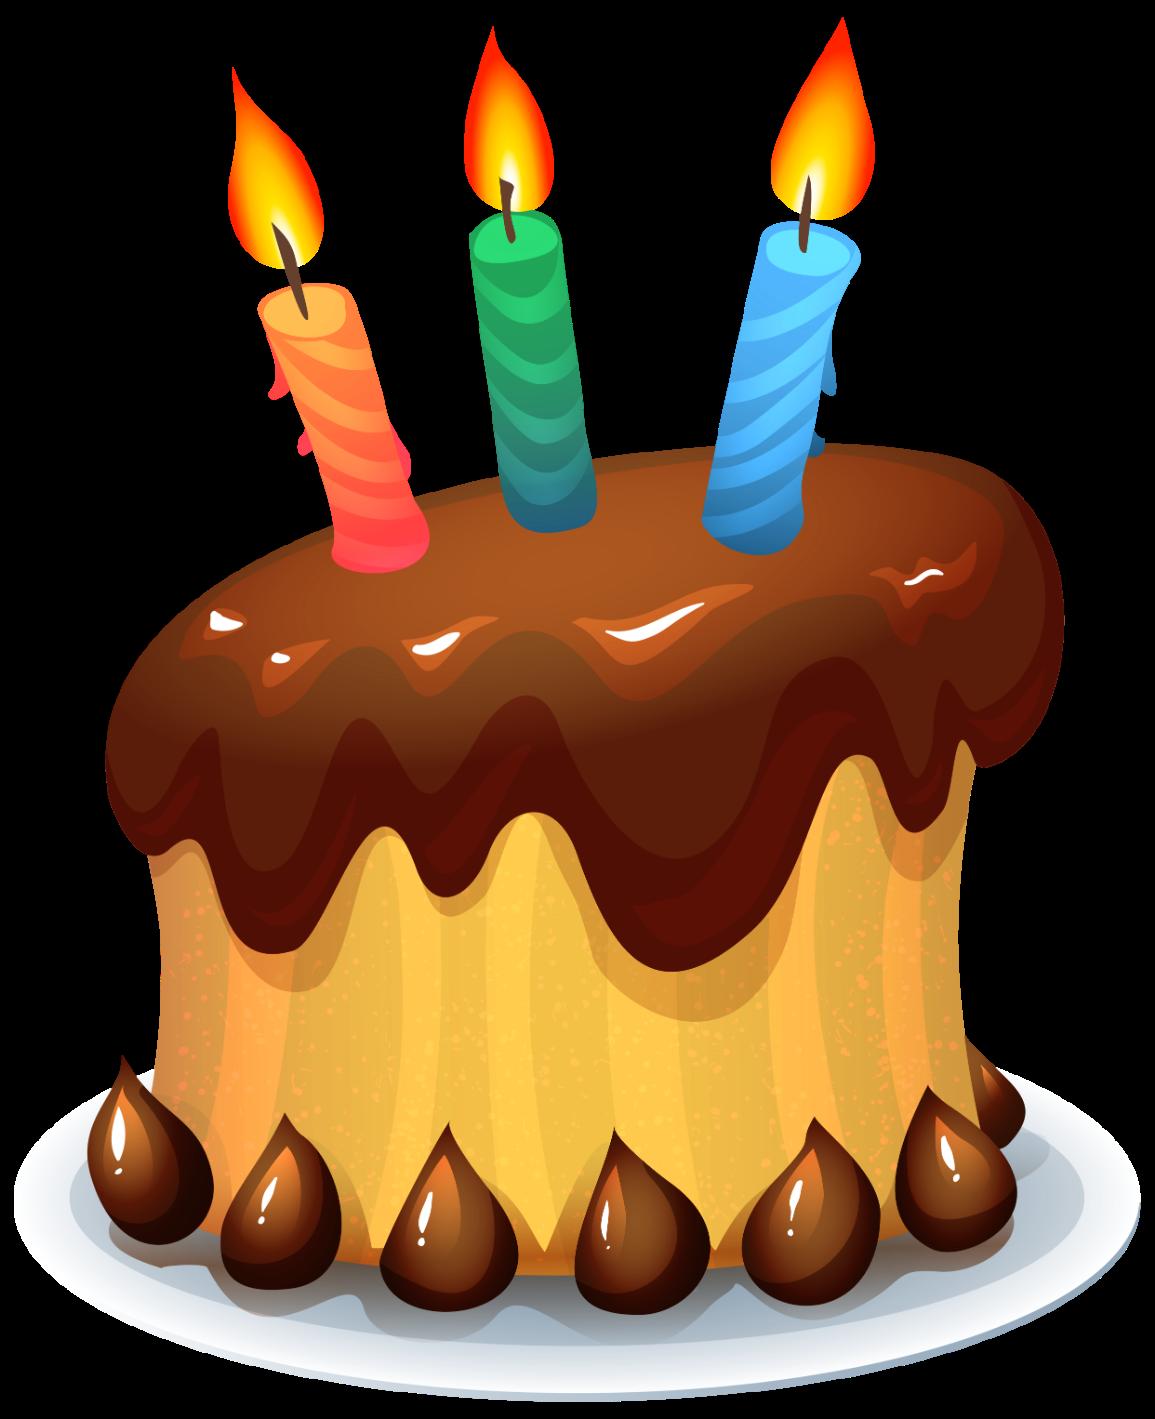 Caricatura de un pastel chueco con cobertura de chocolate y tres velitas en color rosado, verde y azul.